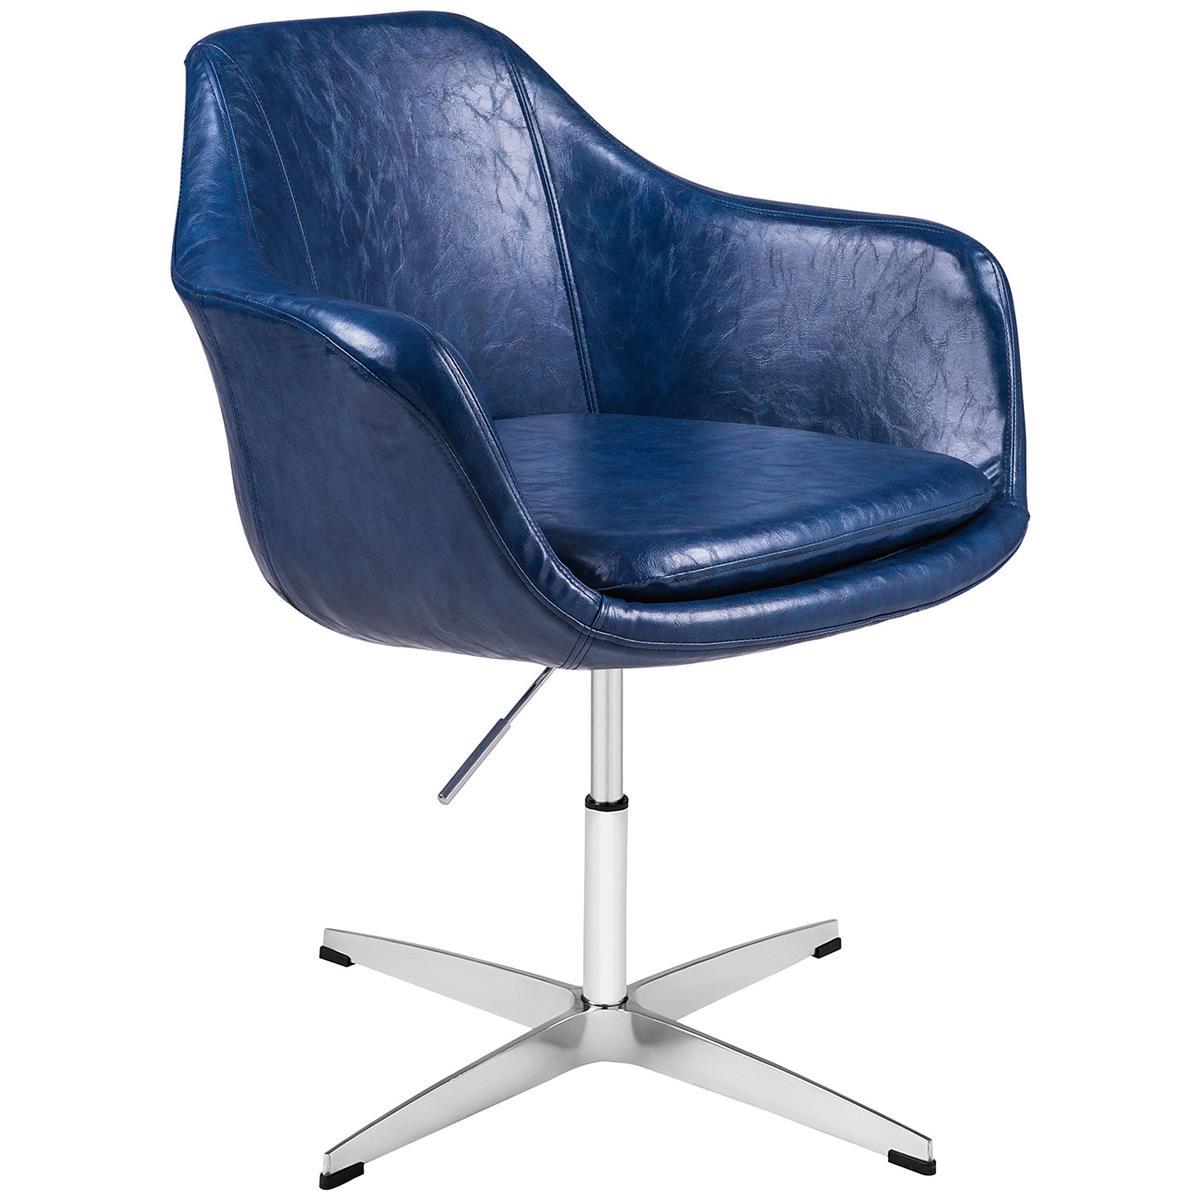 Cadeira Poltrona Havana Giratória Estofada Pu Brilho By Haus